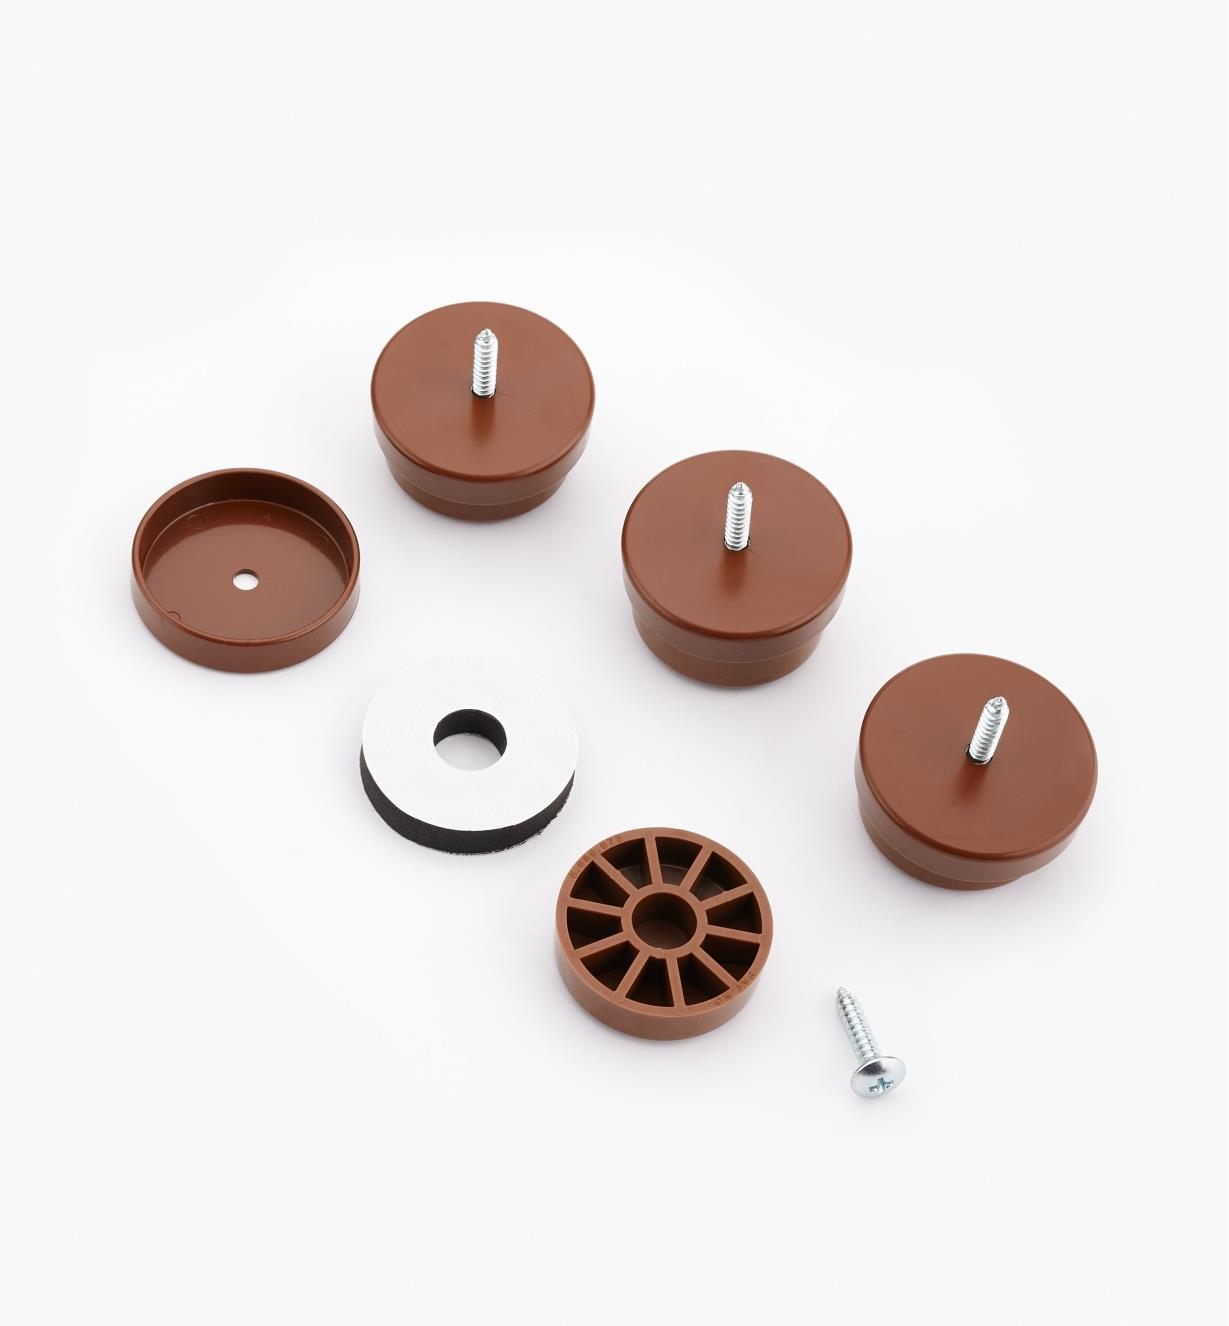 93K8354 - Patins de 11/2po de diamètre, brun, le paquet de4